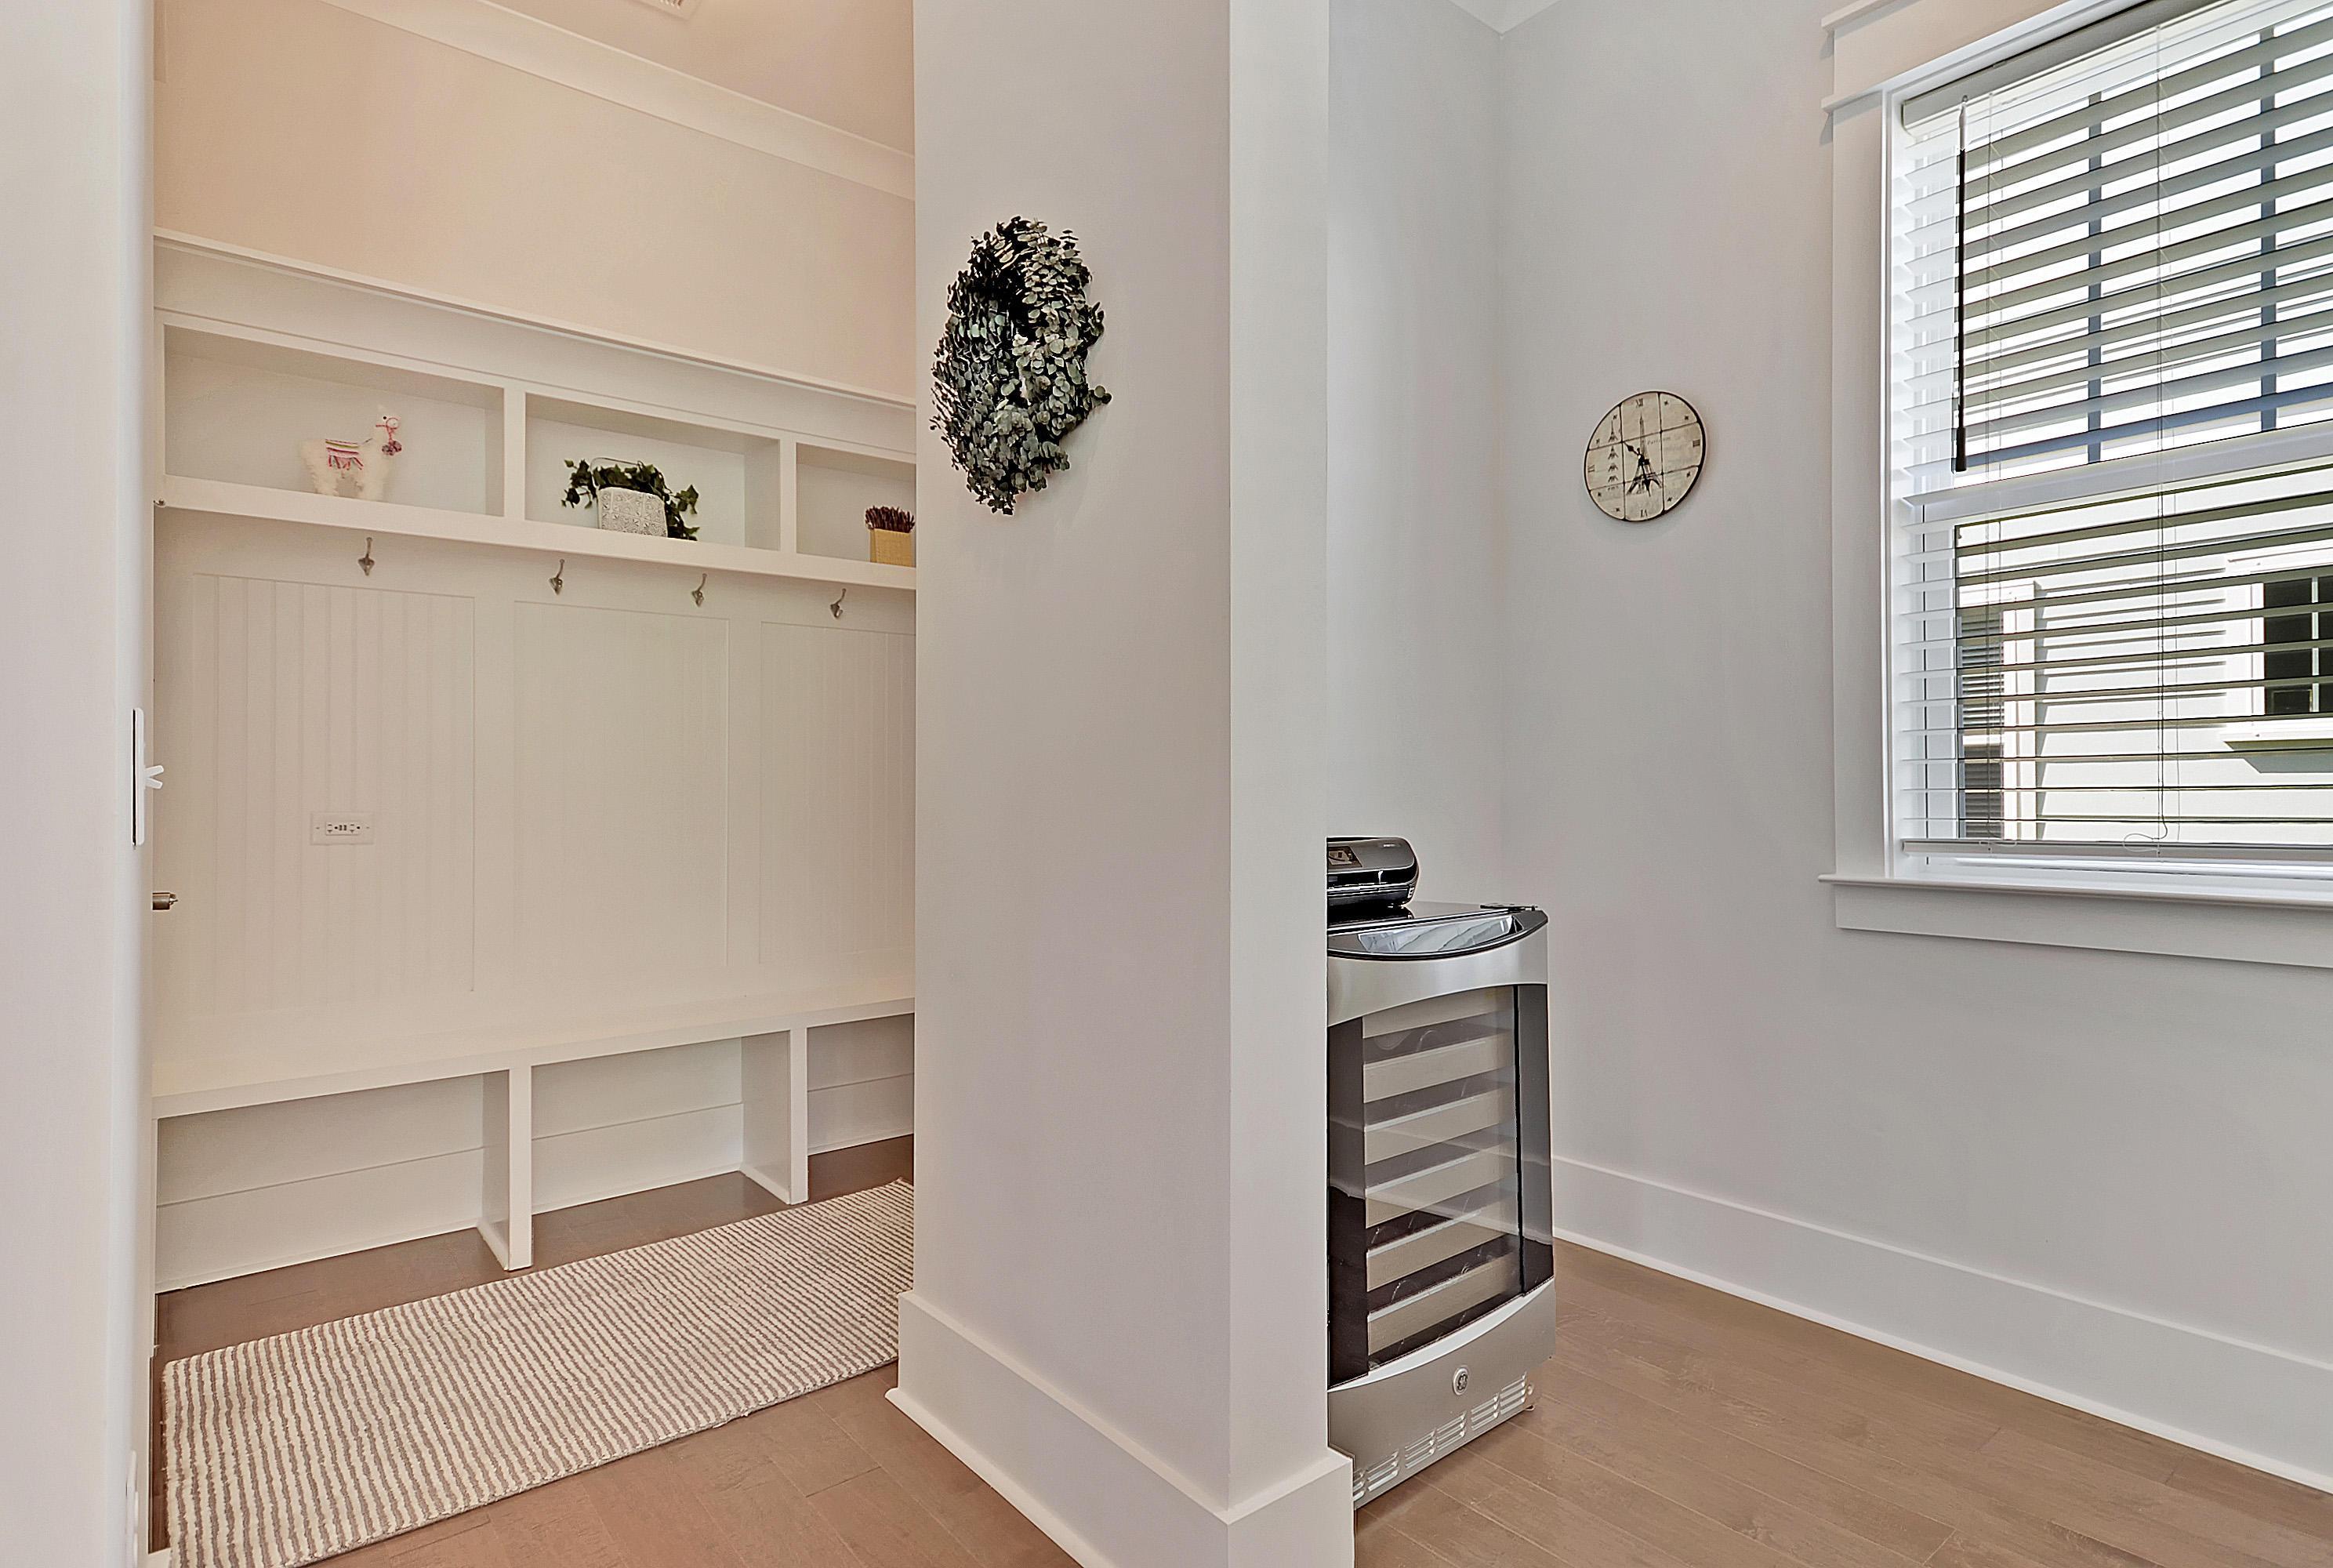 Dunes West Homes For Sale - 2927 Eddy, Mount Pleasant, SC - 56